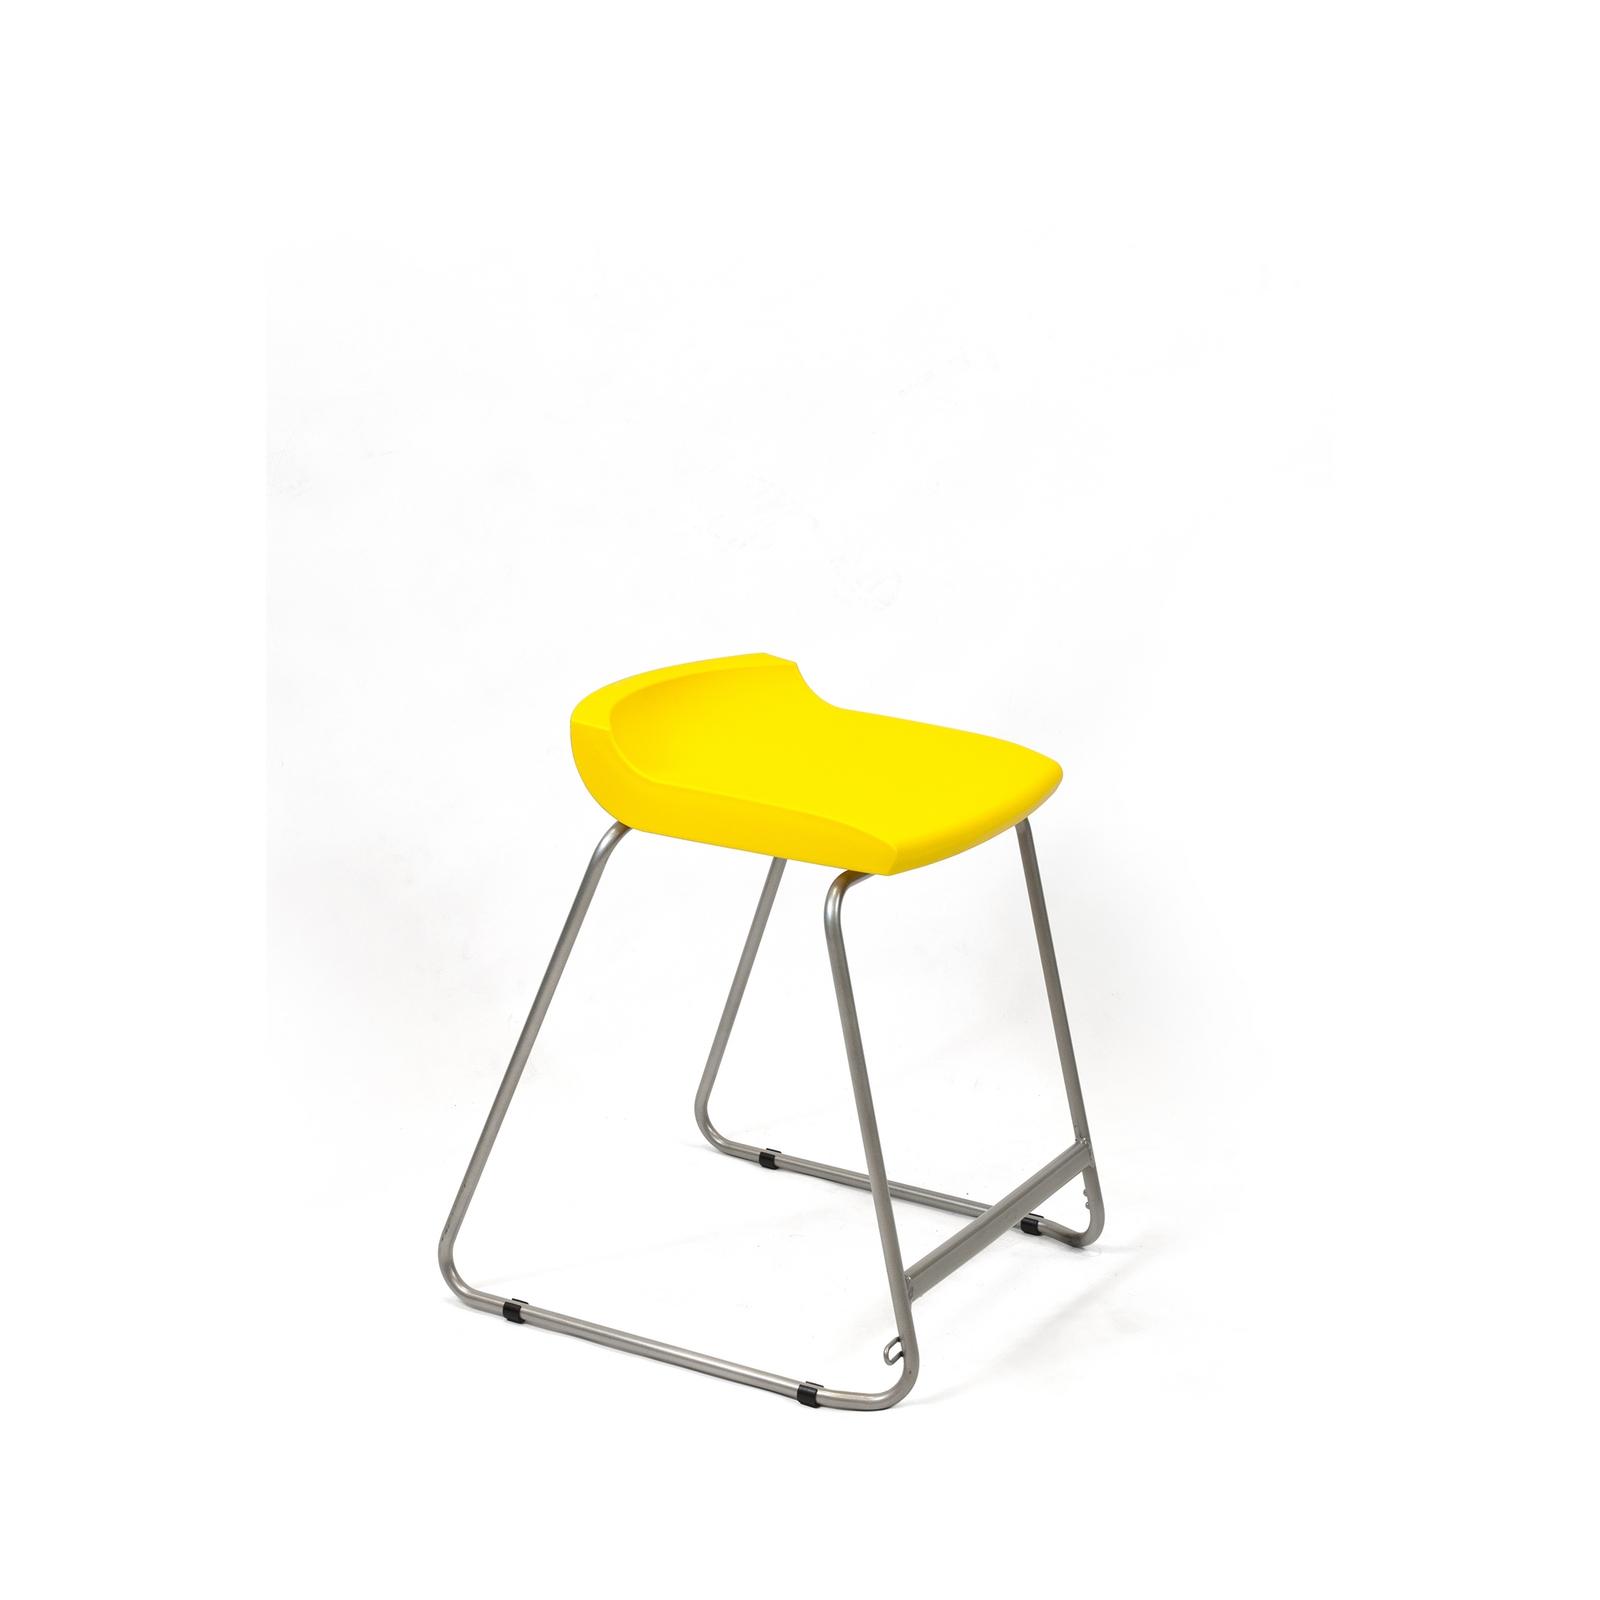 Postura Stool 560mm Yellow